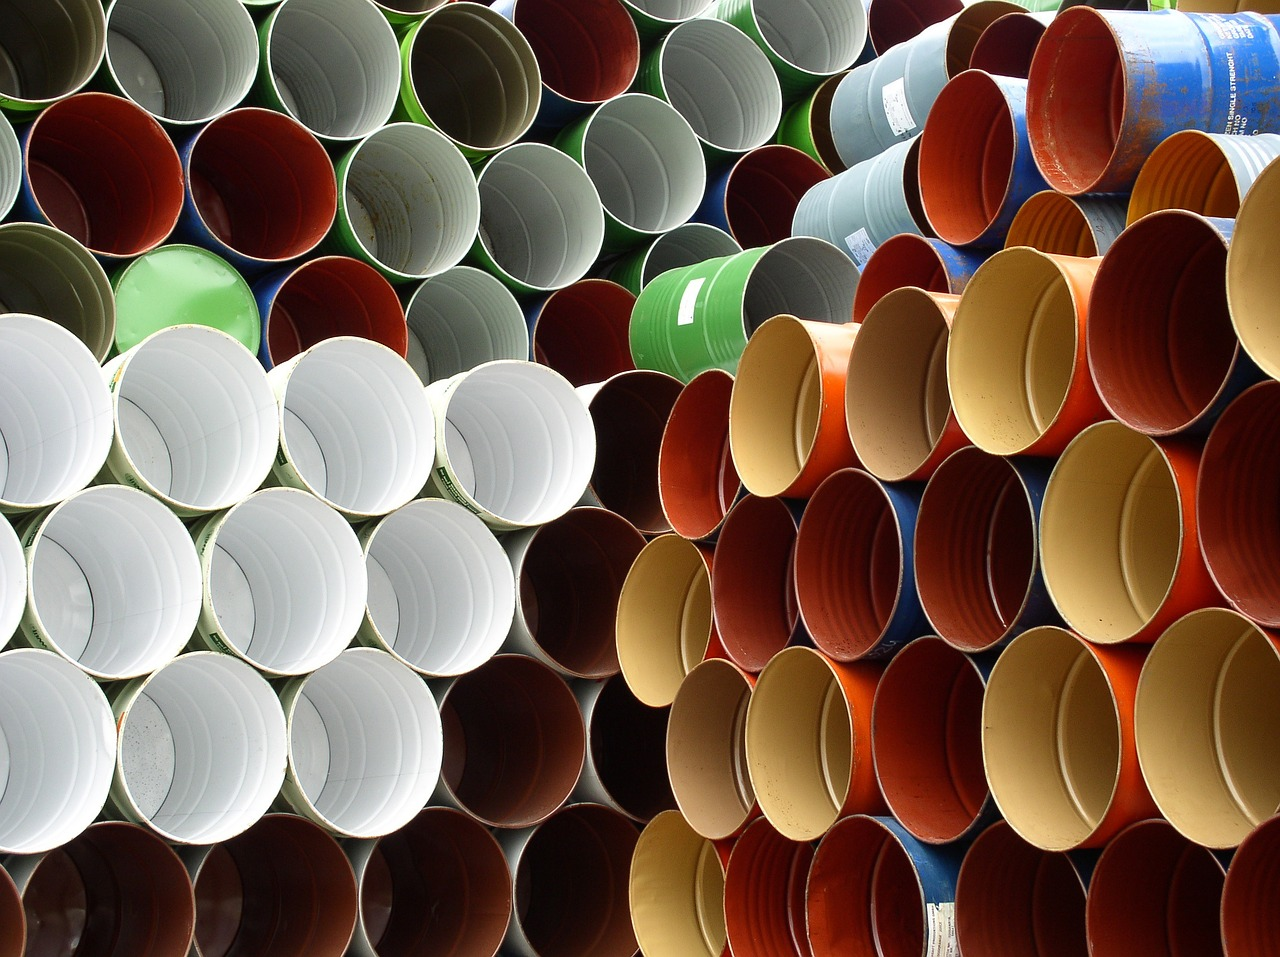 barrels-708624_1280